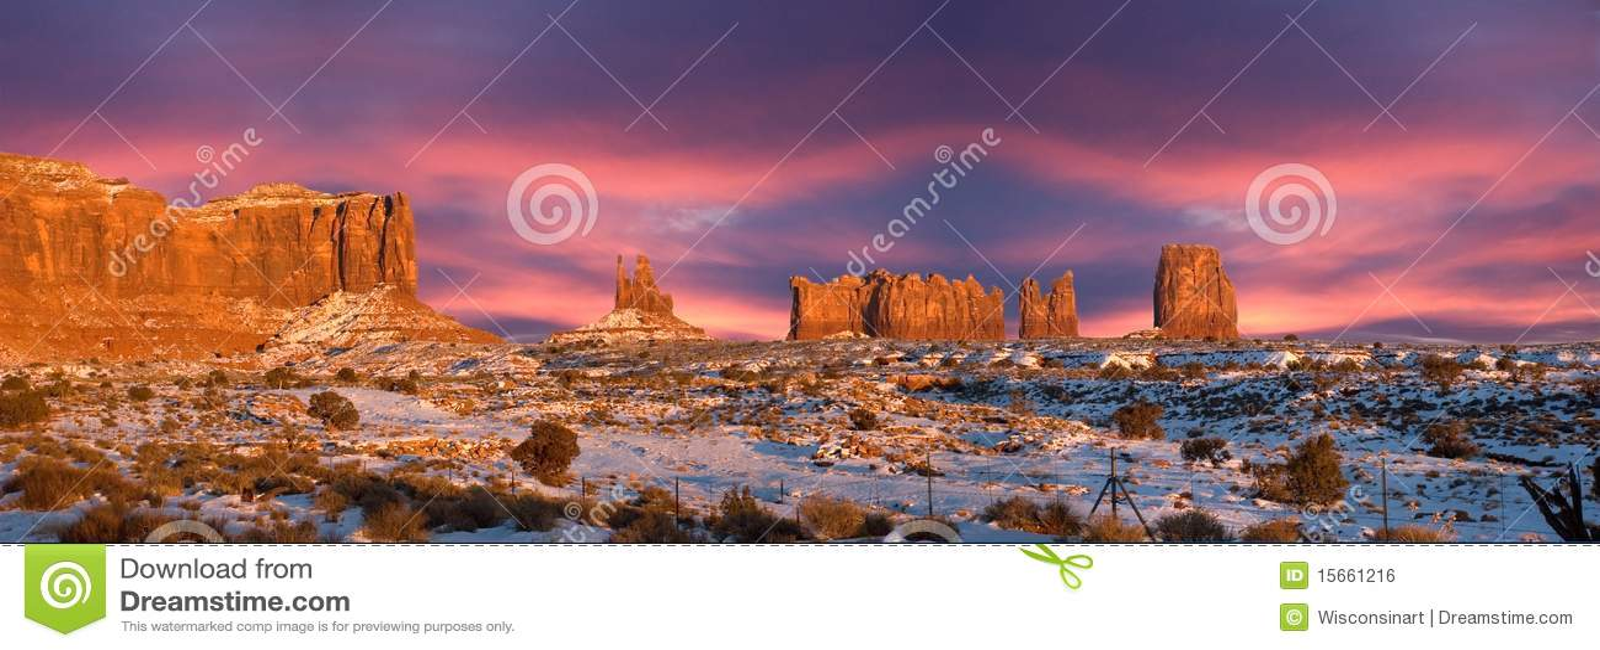 Panorama tribal del parque del indio de Navajo del valle del monumento